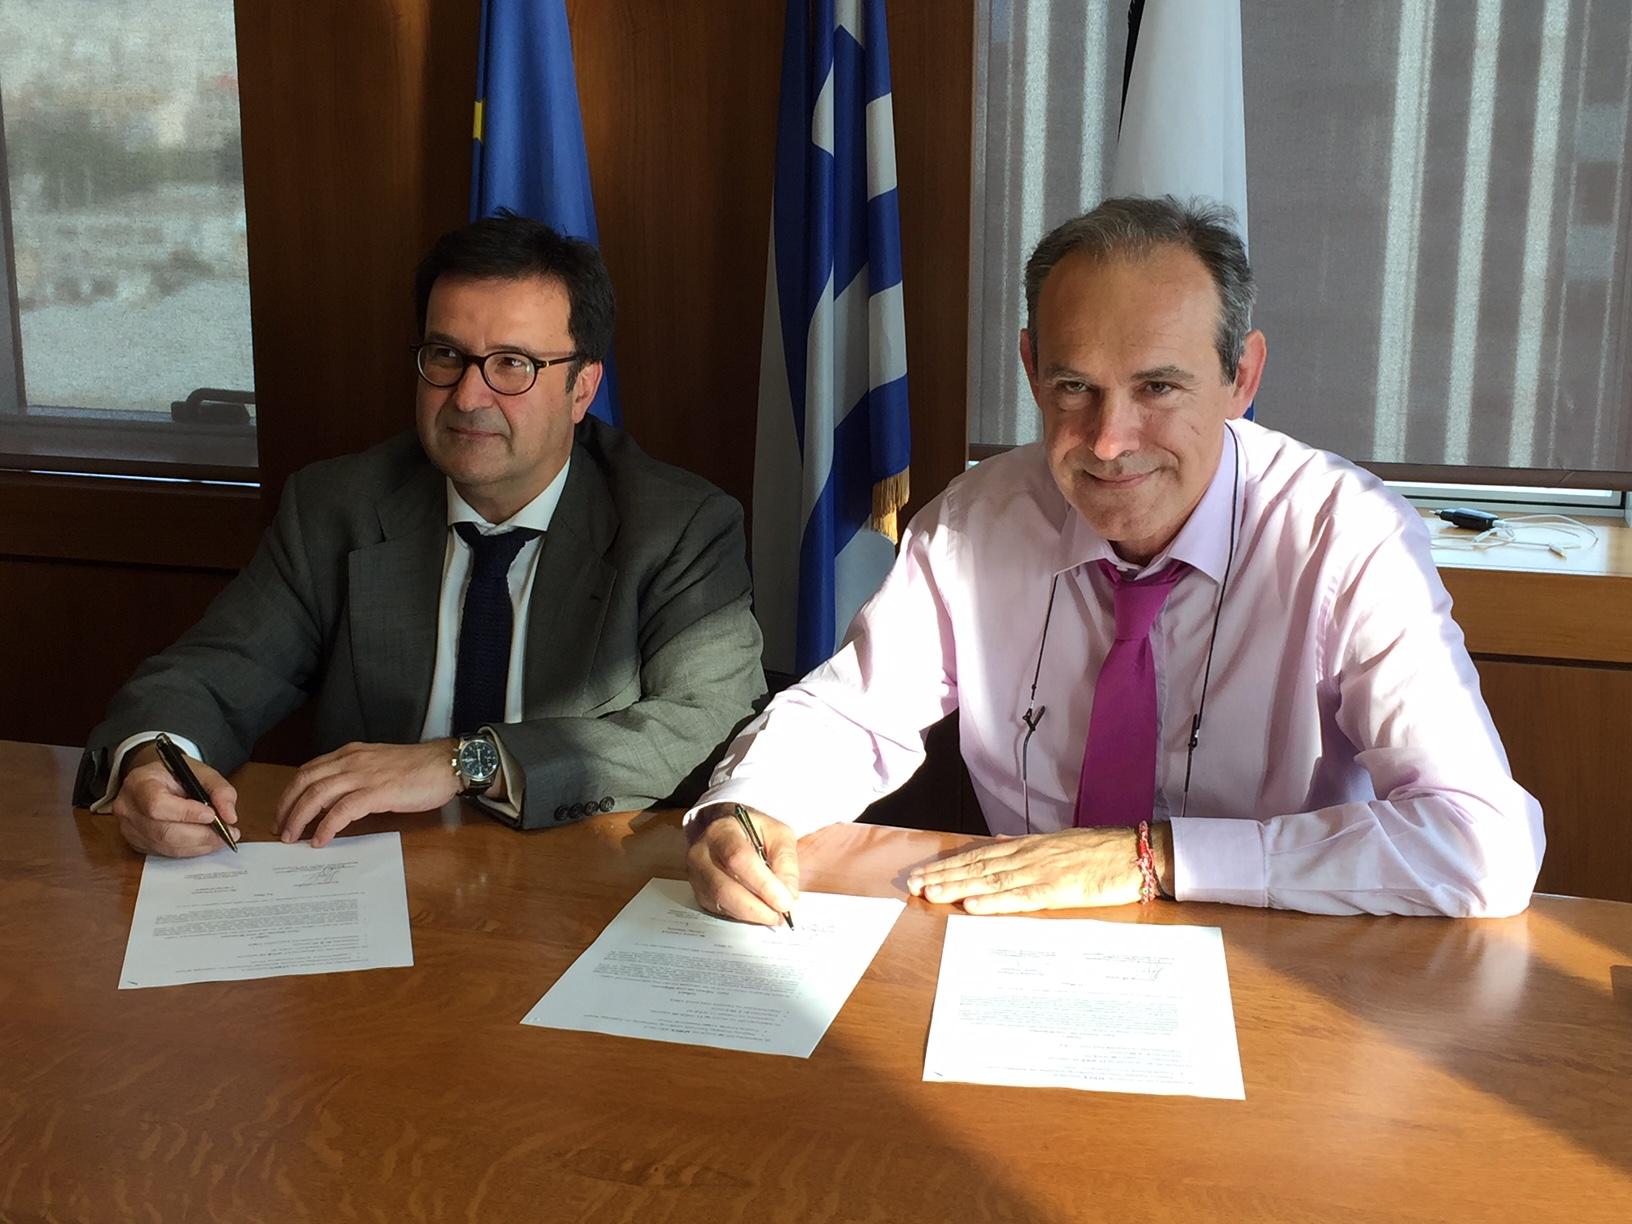 Συνεργασία  ΥΠΕΞ και Χρηματιστηρίου Αθηνών για την προώθηση της εξωστρέφειας των επιχειρήσεων και την προσέλκυση επενδυτών